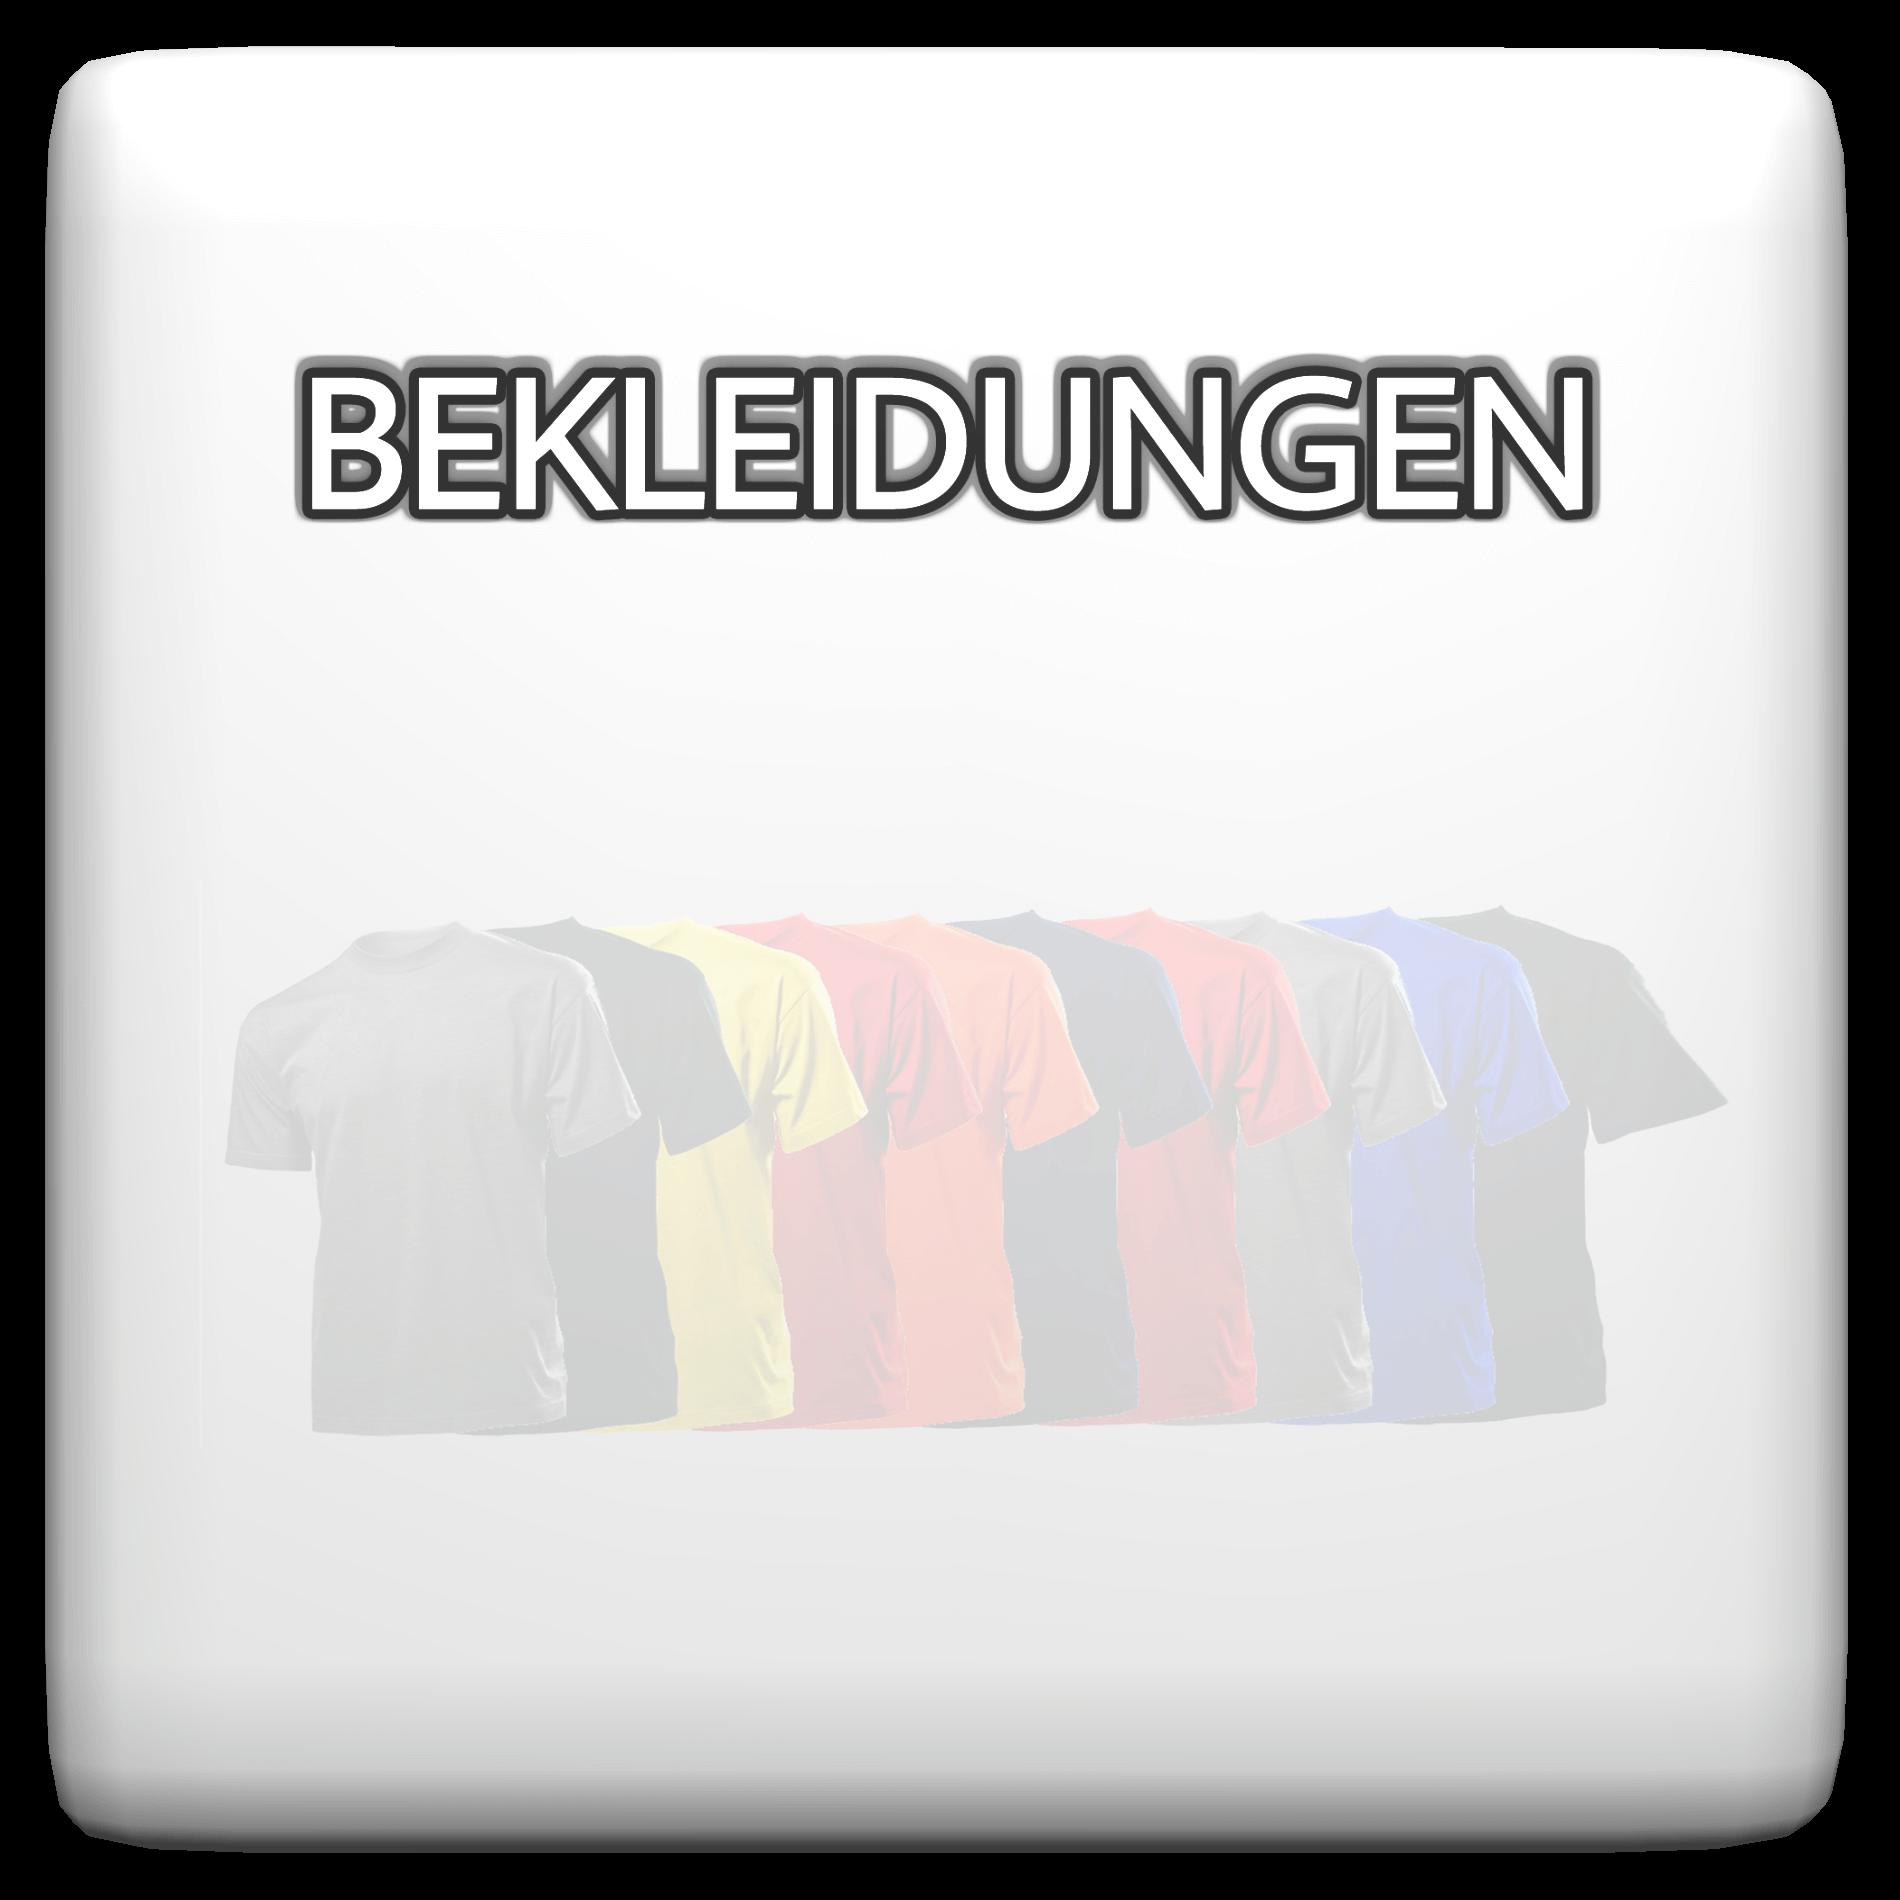 Wuerfel-Bekleidungen_2